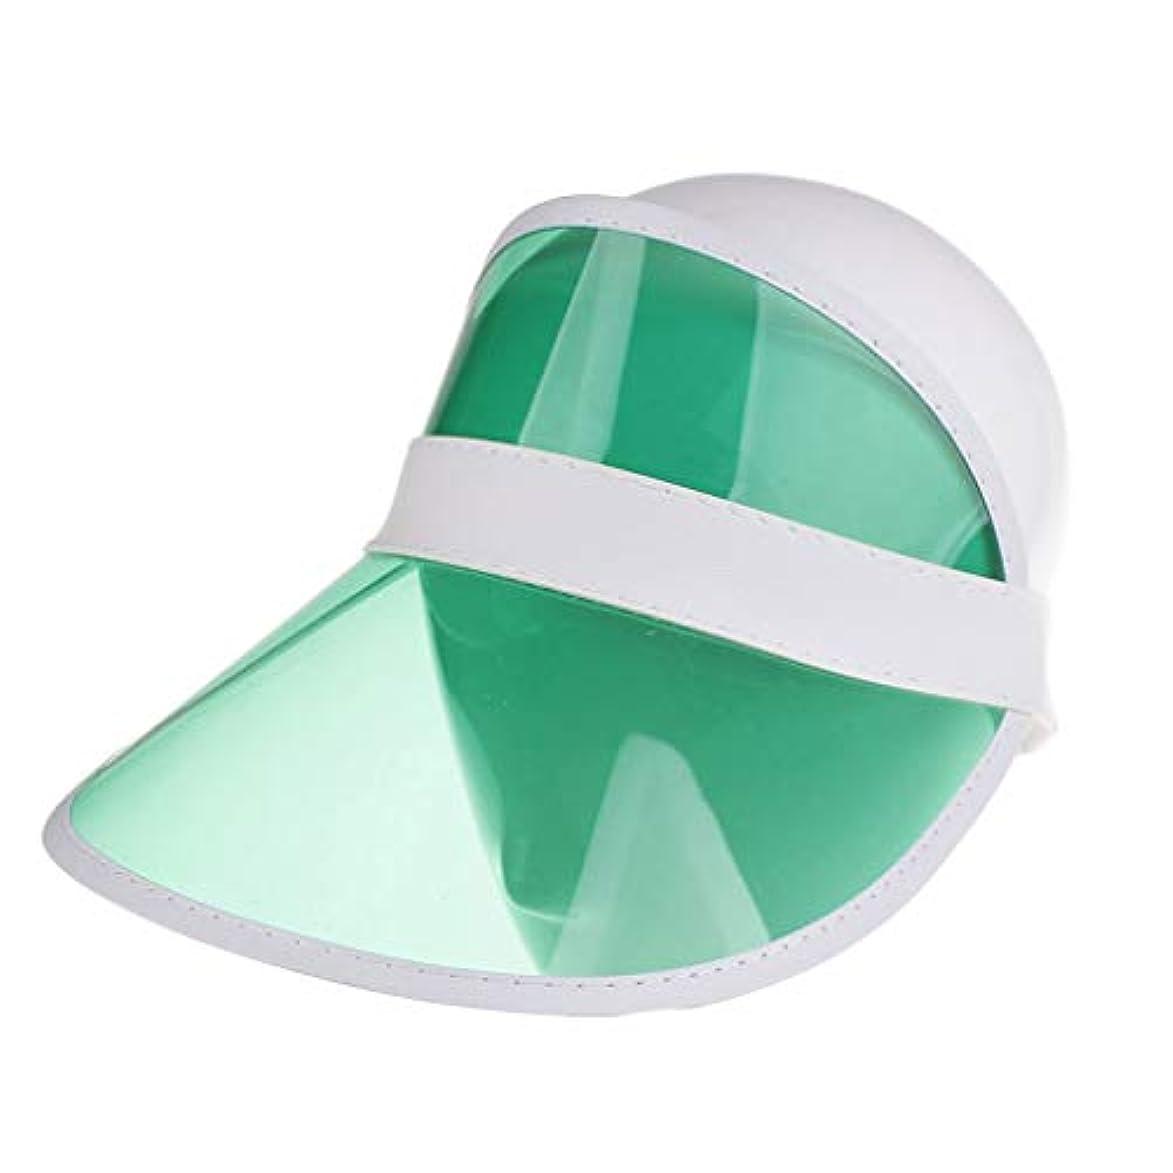 爆発傾斜落胆させるレディースクリアハット帽子レインバイザー UVカットユニセックスアウトドア野球帽帽子